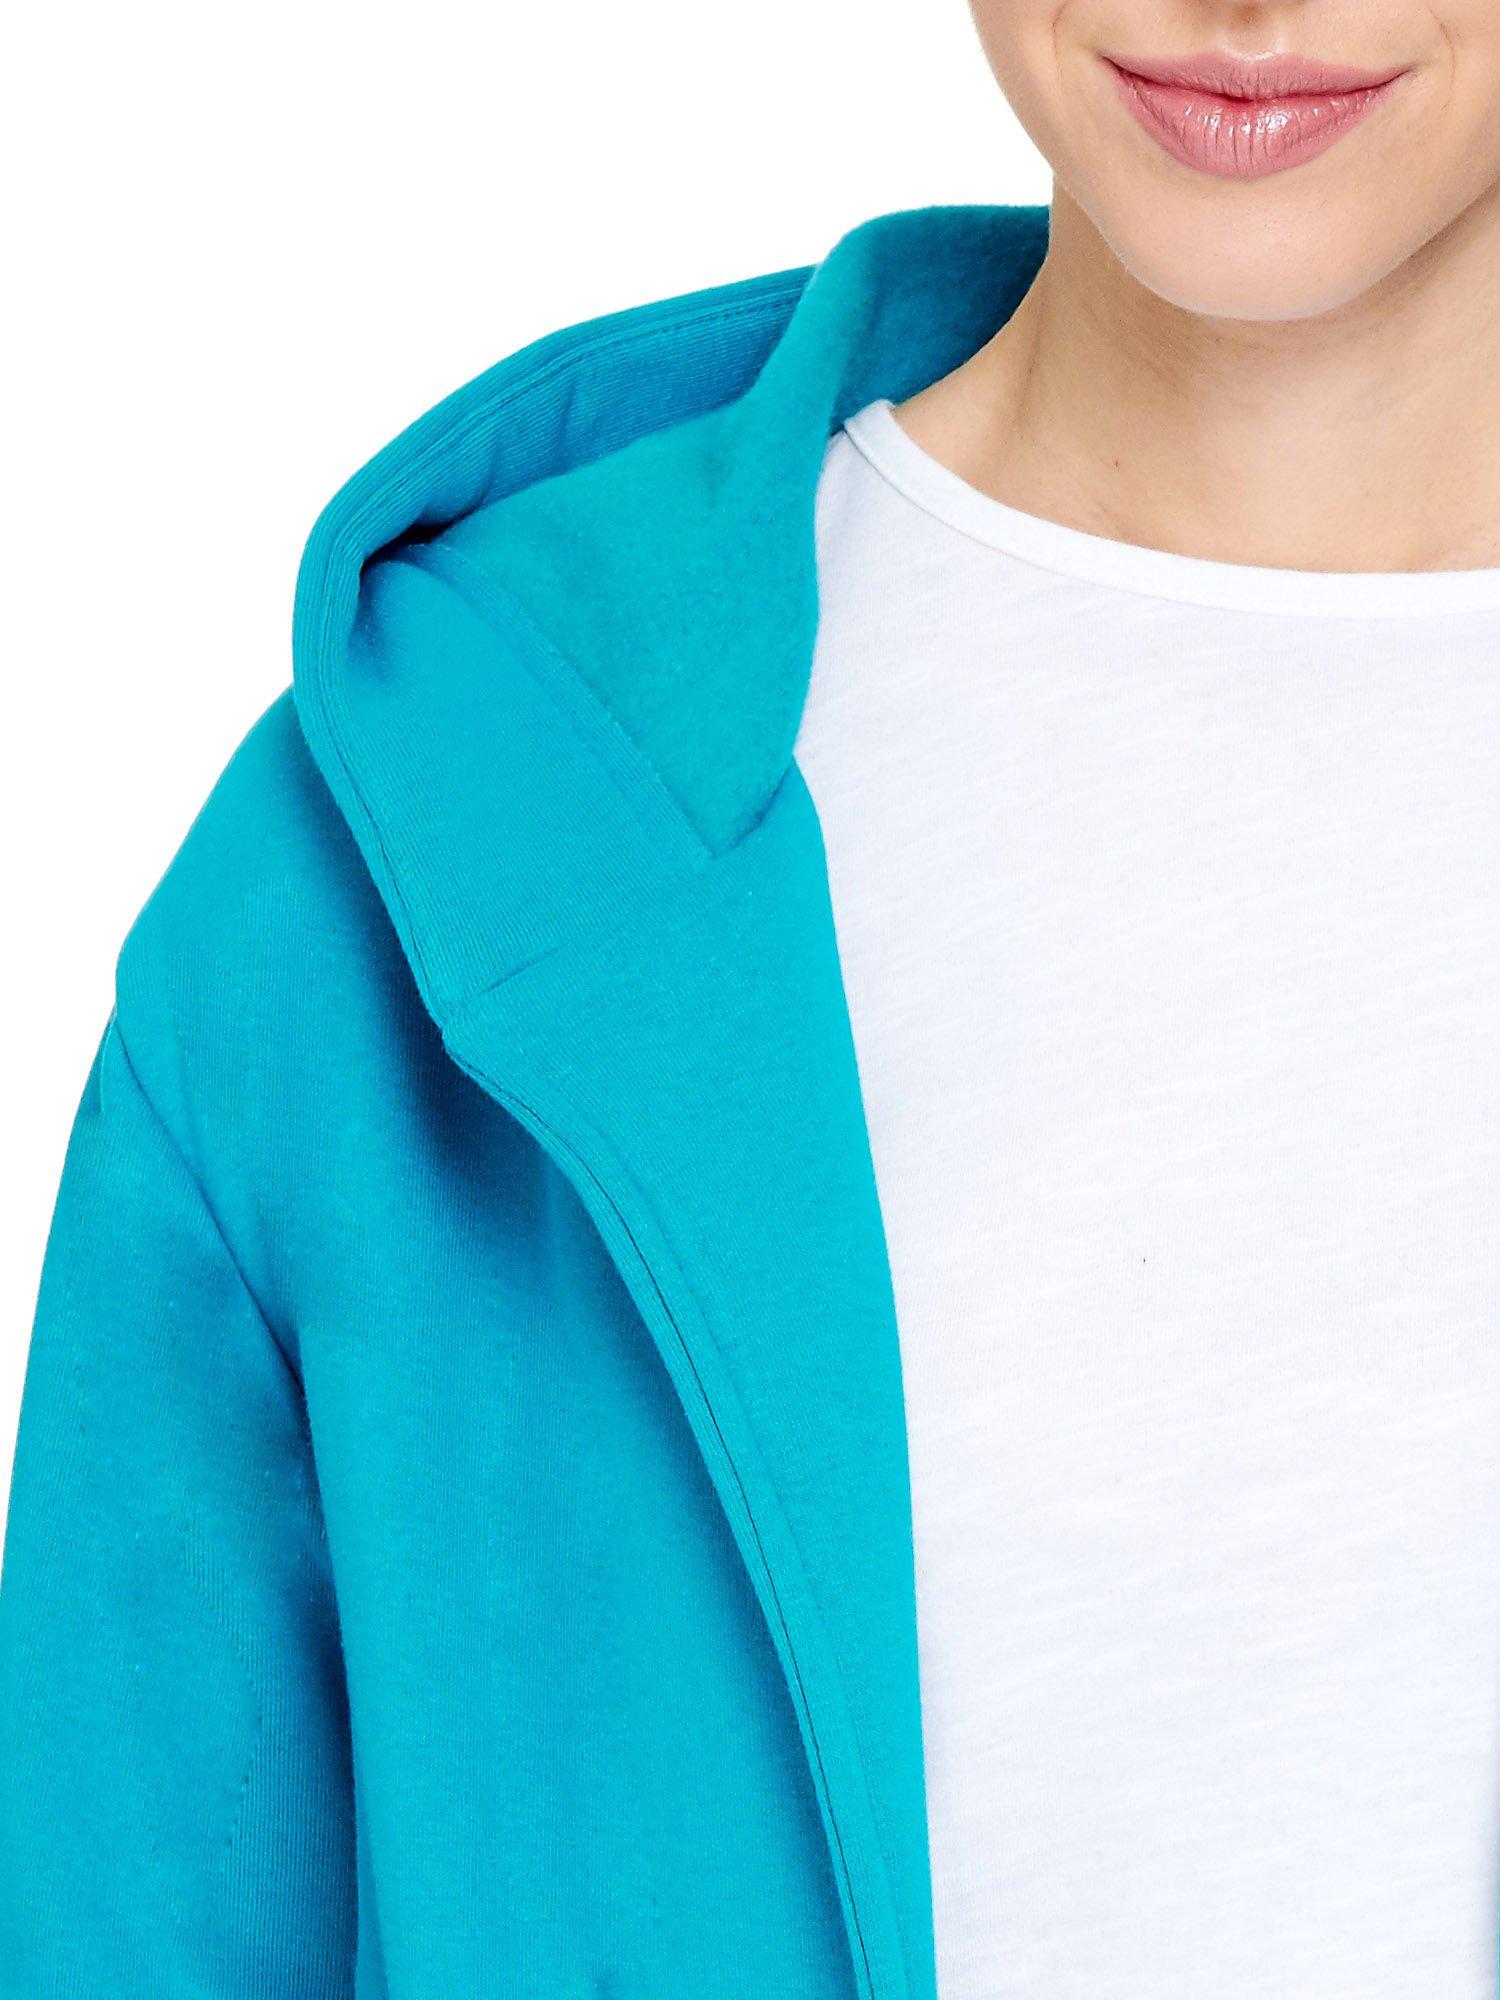 Turkusowy dresowy bluzopłaszcz ściągany w pasie                                  zdj.                                  6